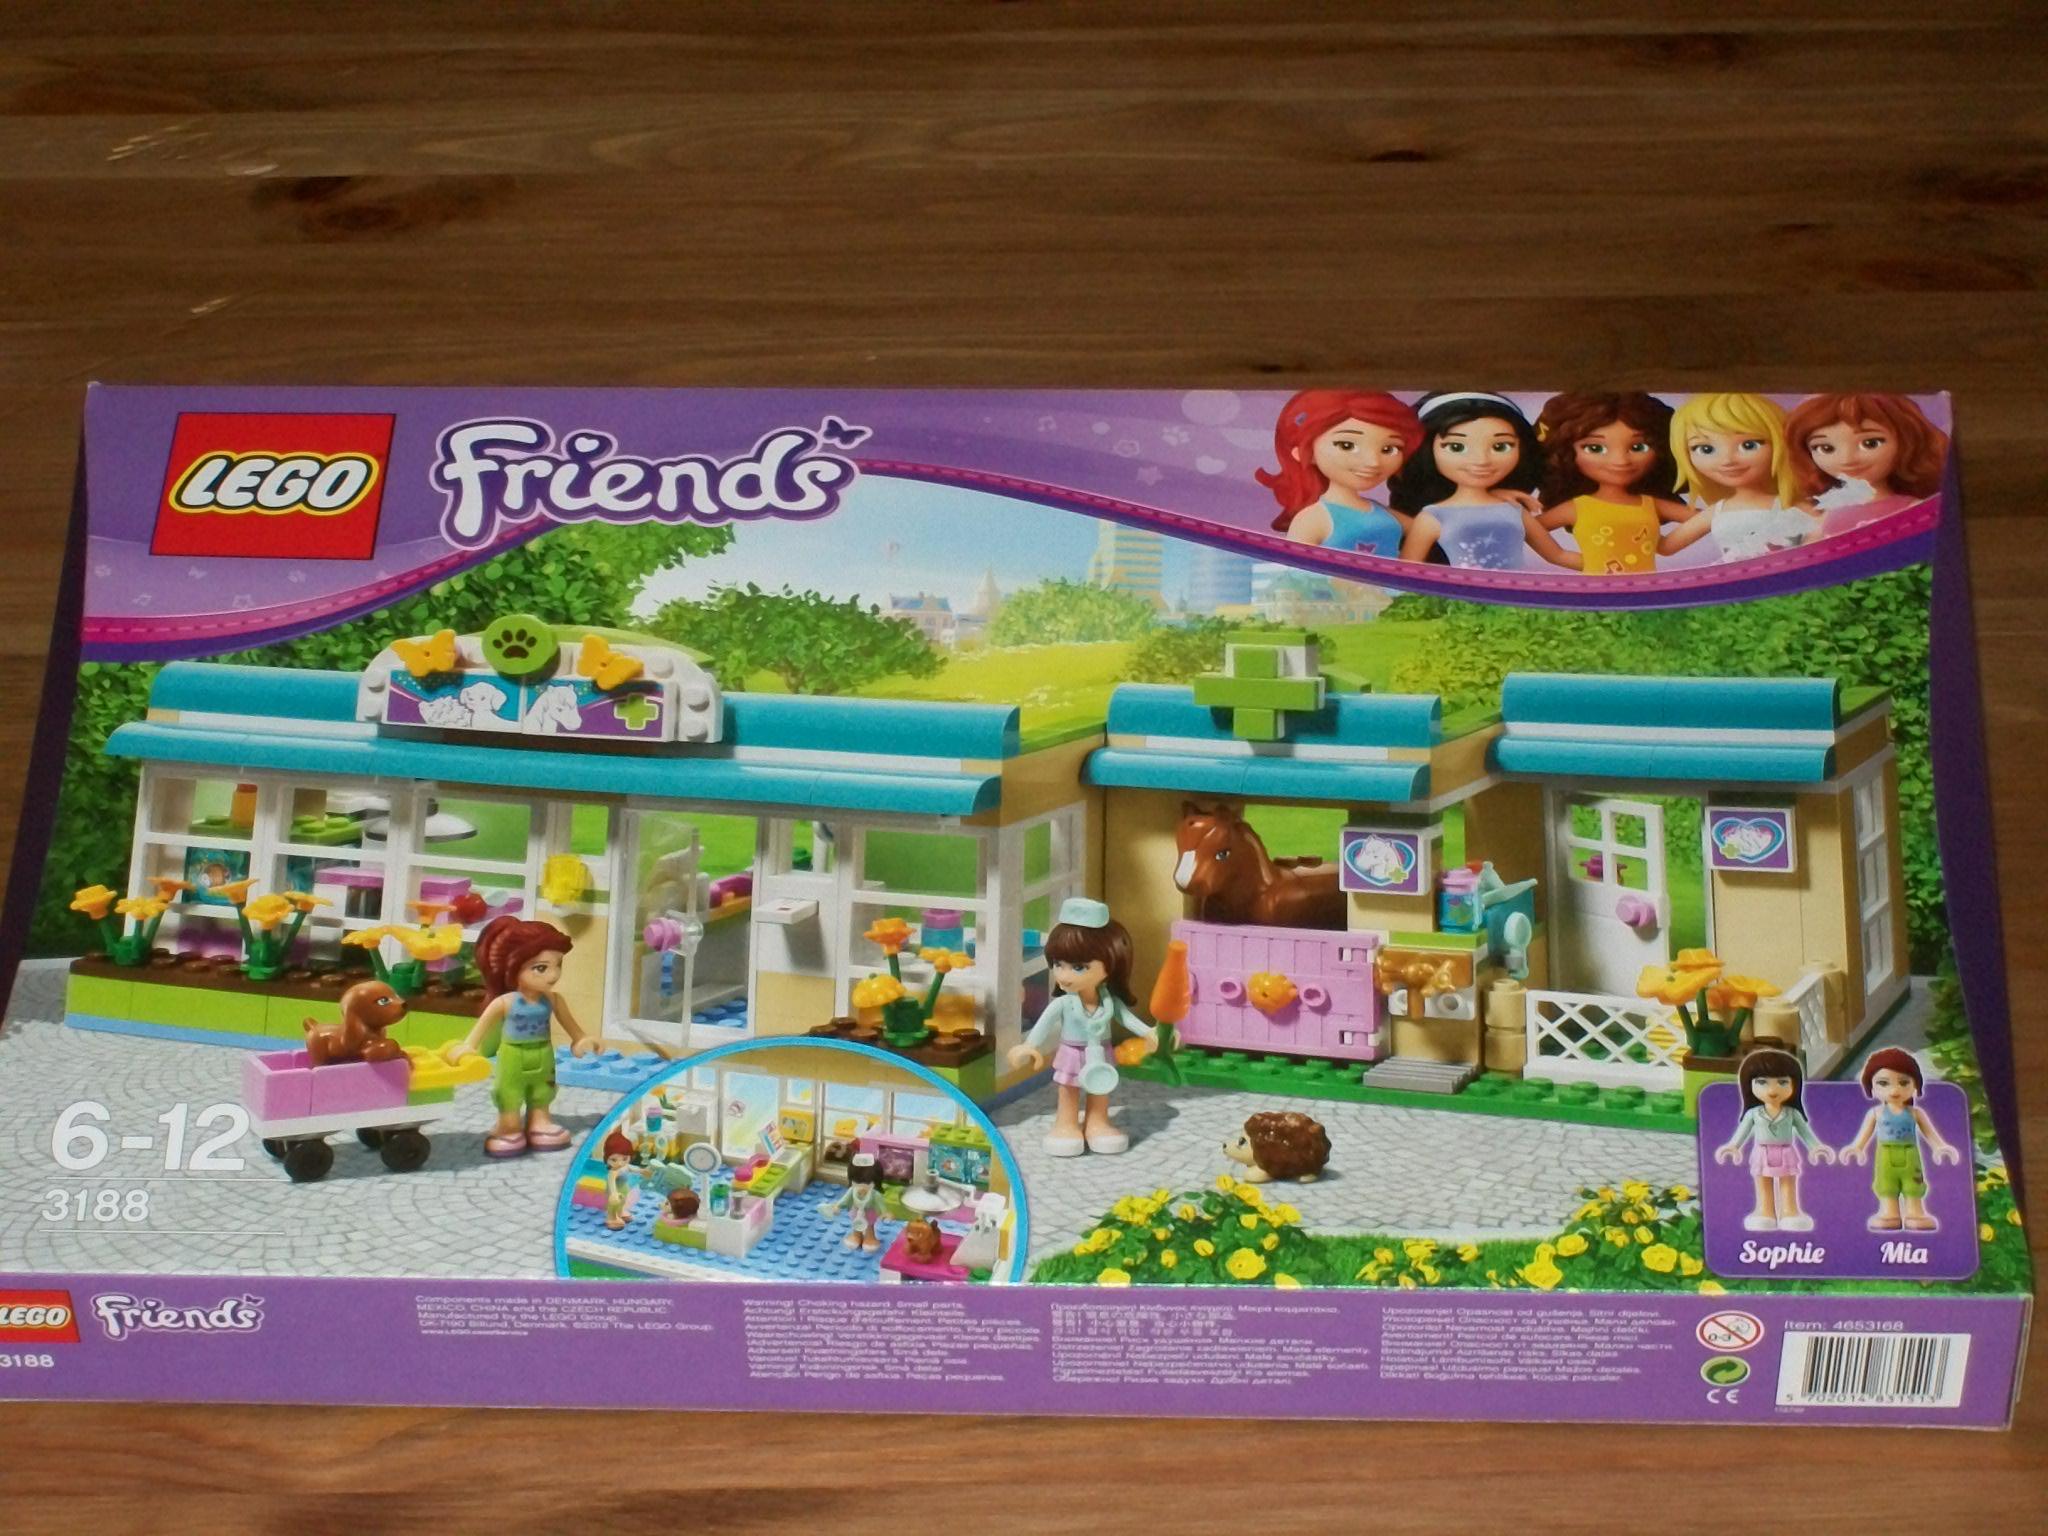 Assez Lego 3188 (Friends): Revue du set – Lego(R) by Alkinoos KC59